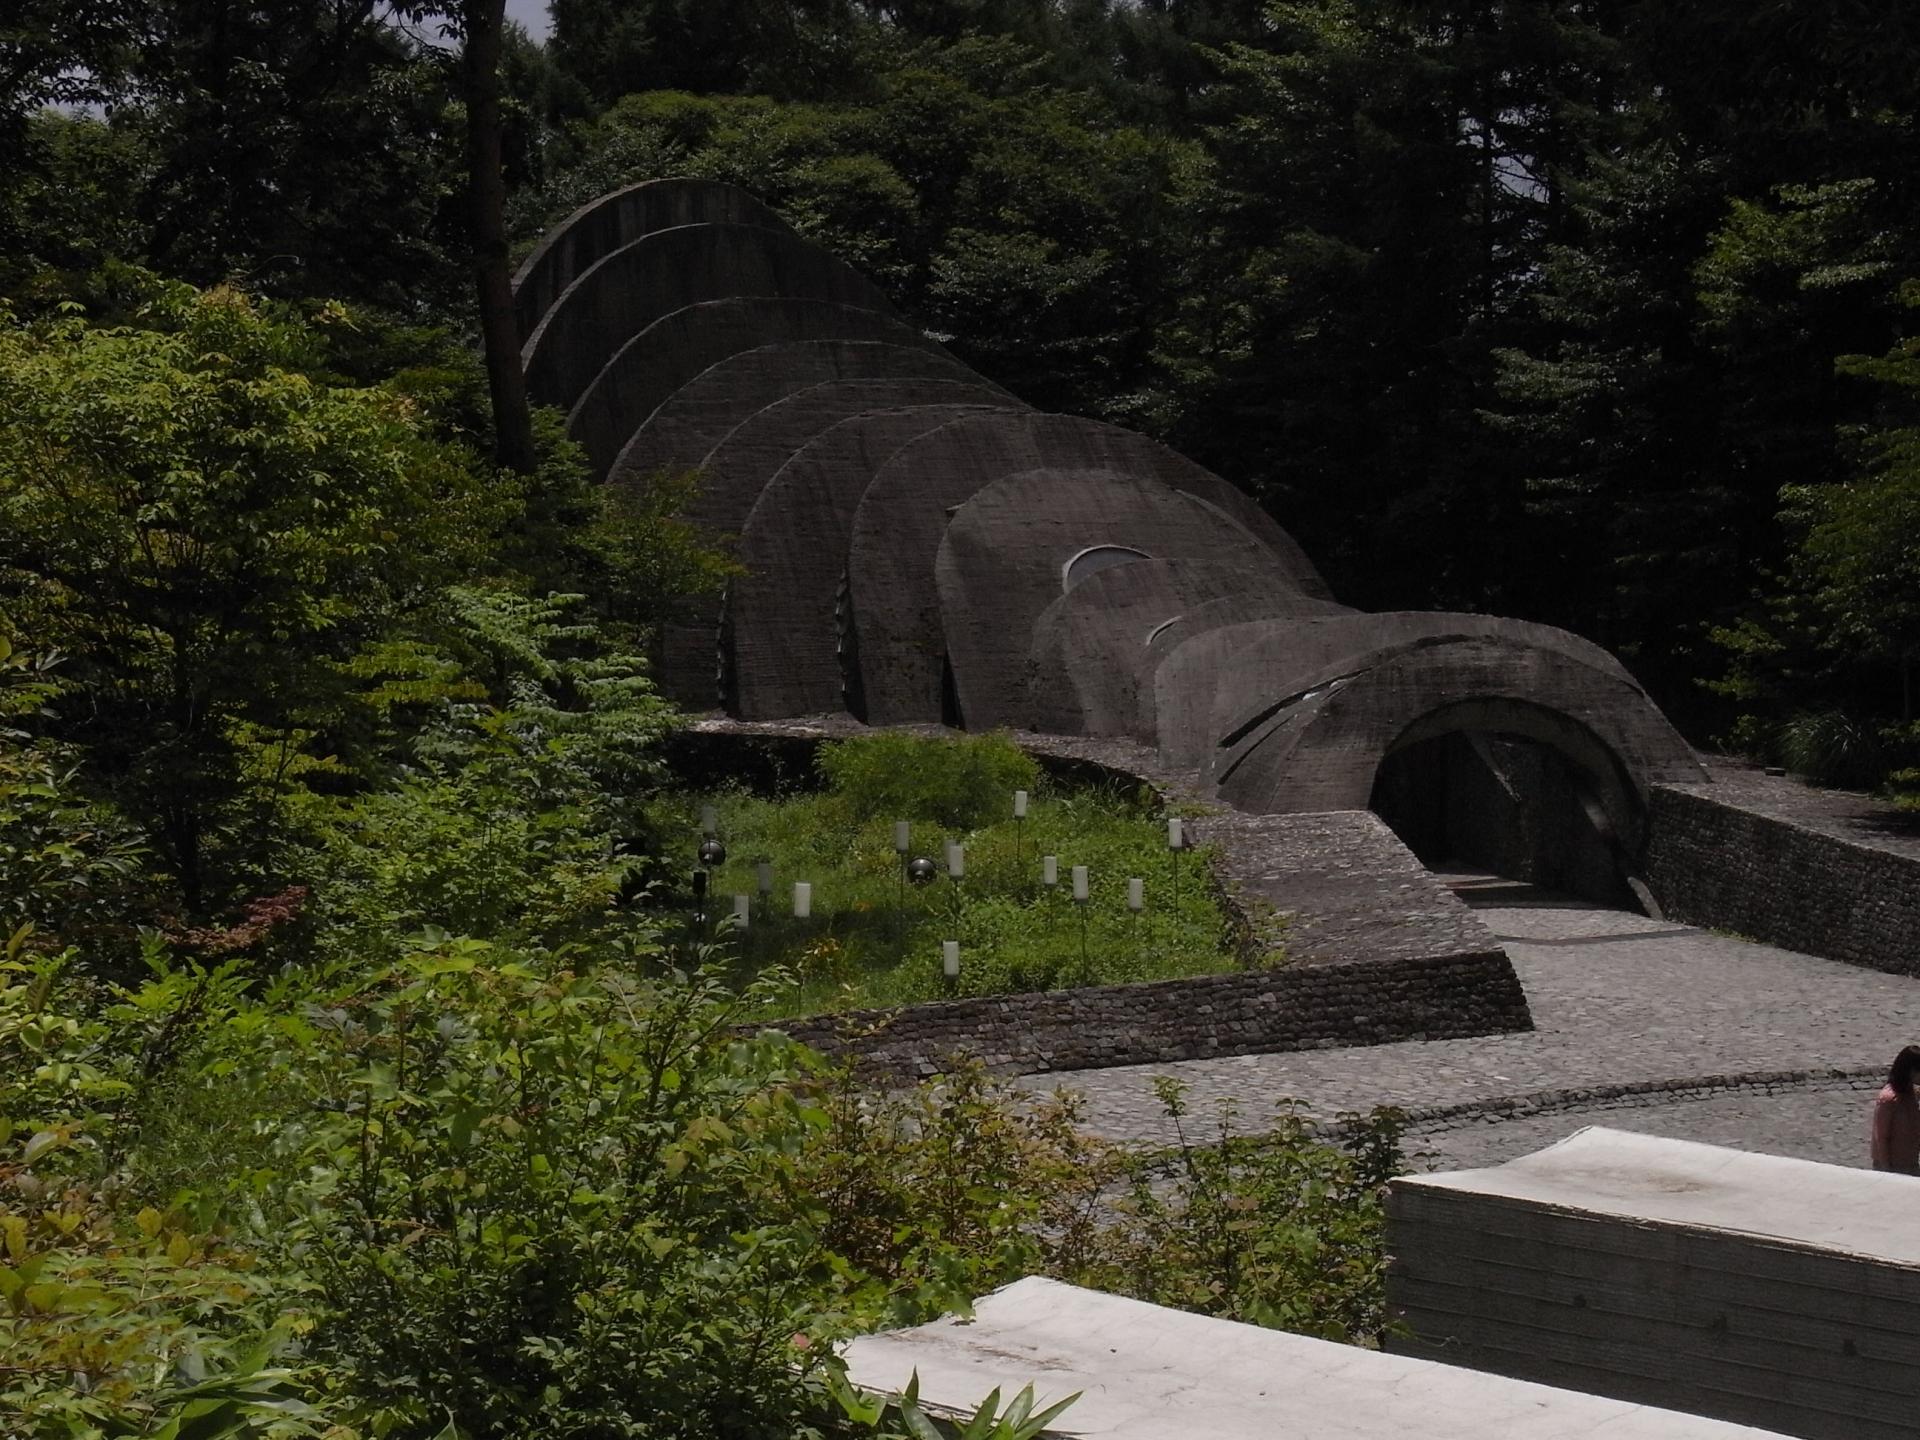 軽井沢の「石の教会」が神秘的!自然に囲まれた幻想的な建築美にうっとり!